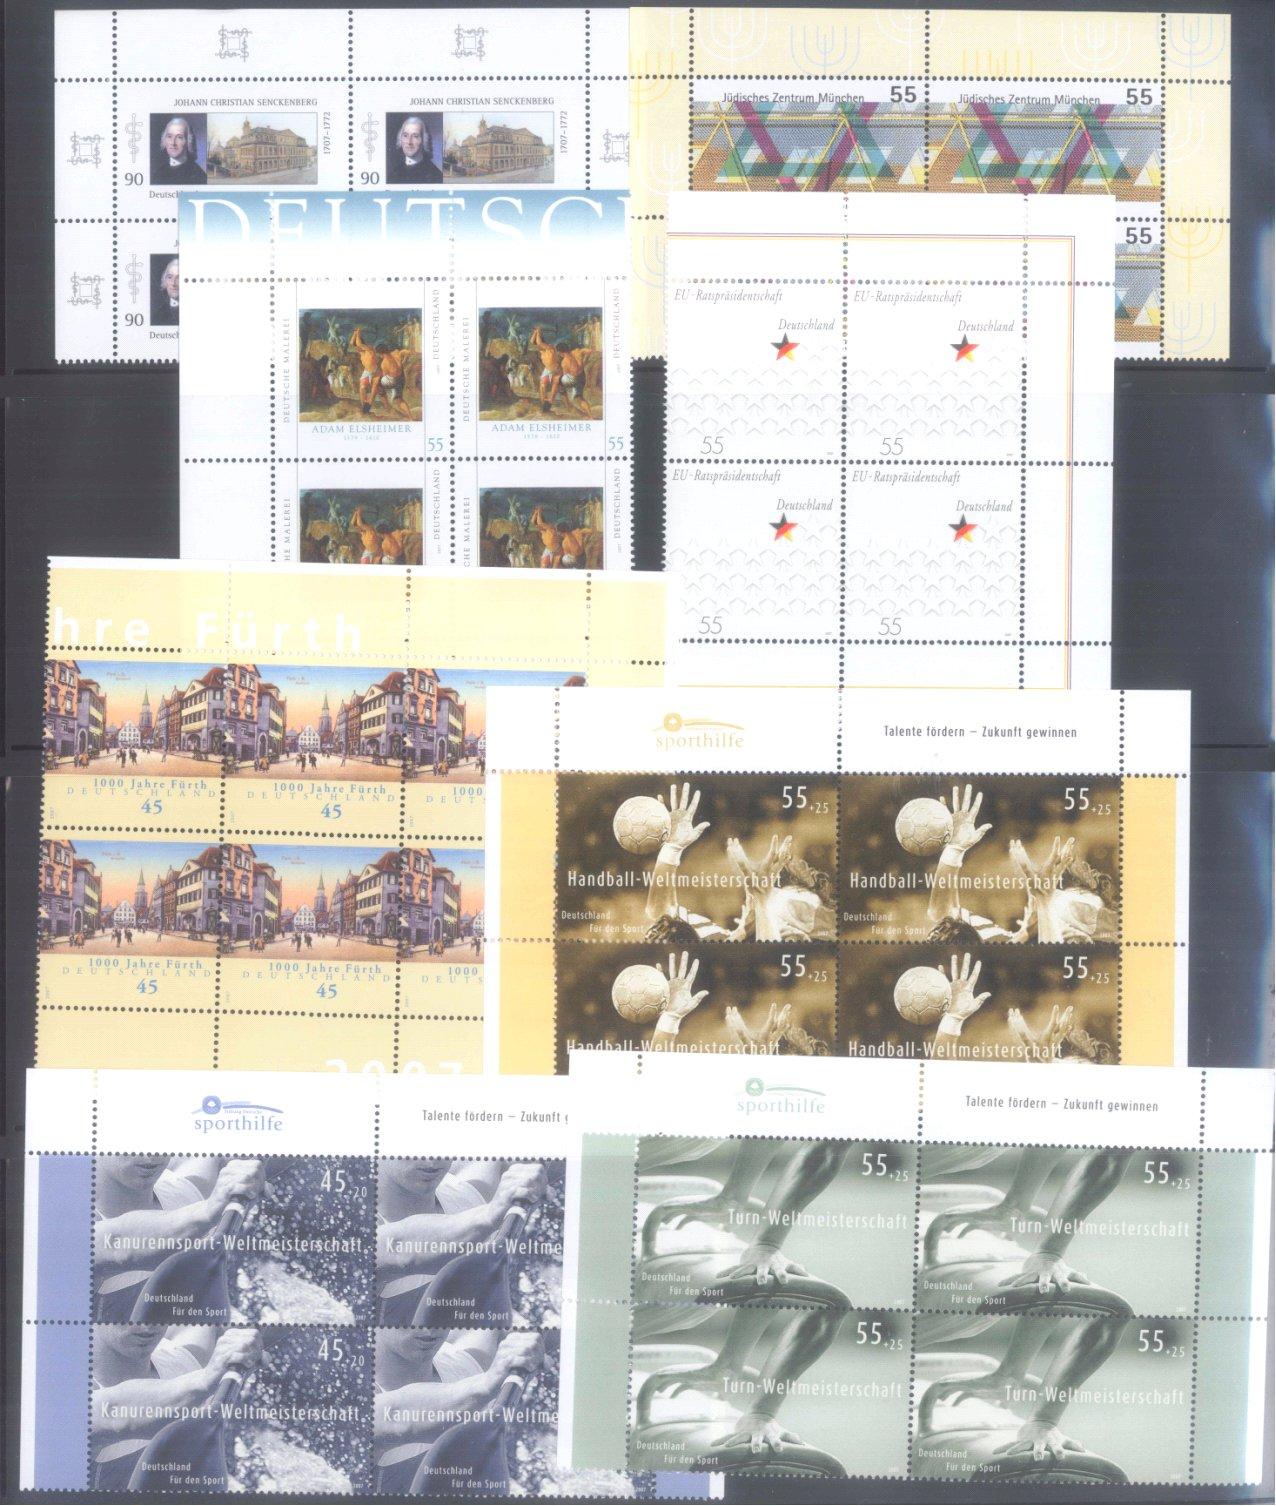 BUND 2007 postfrische 4er-BLOCK Sammlung, 135 EURO NOMINALE